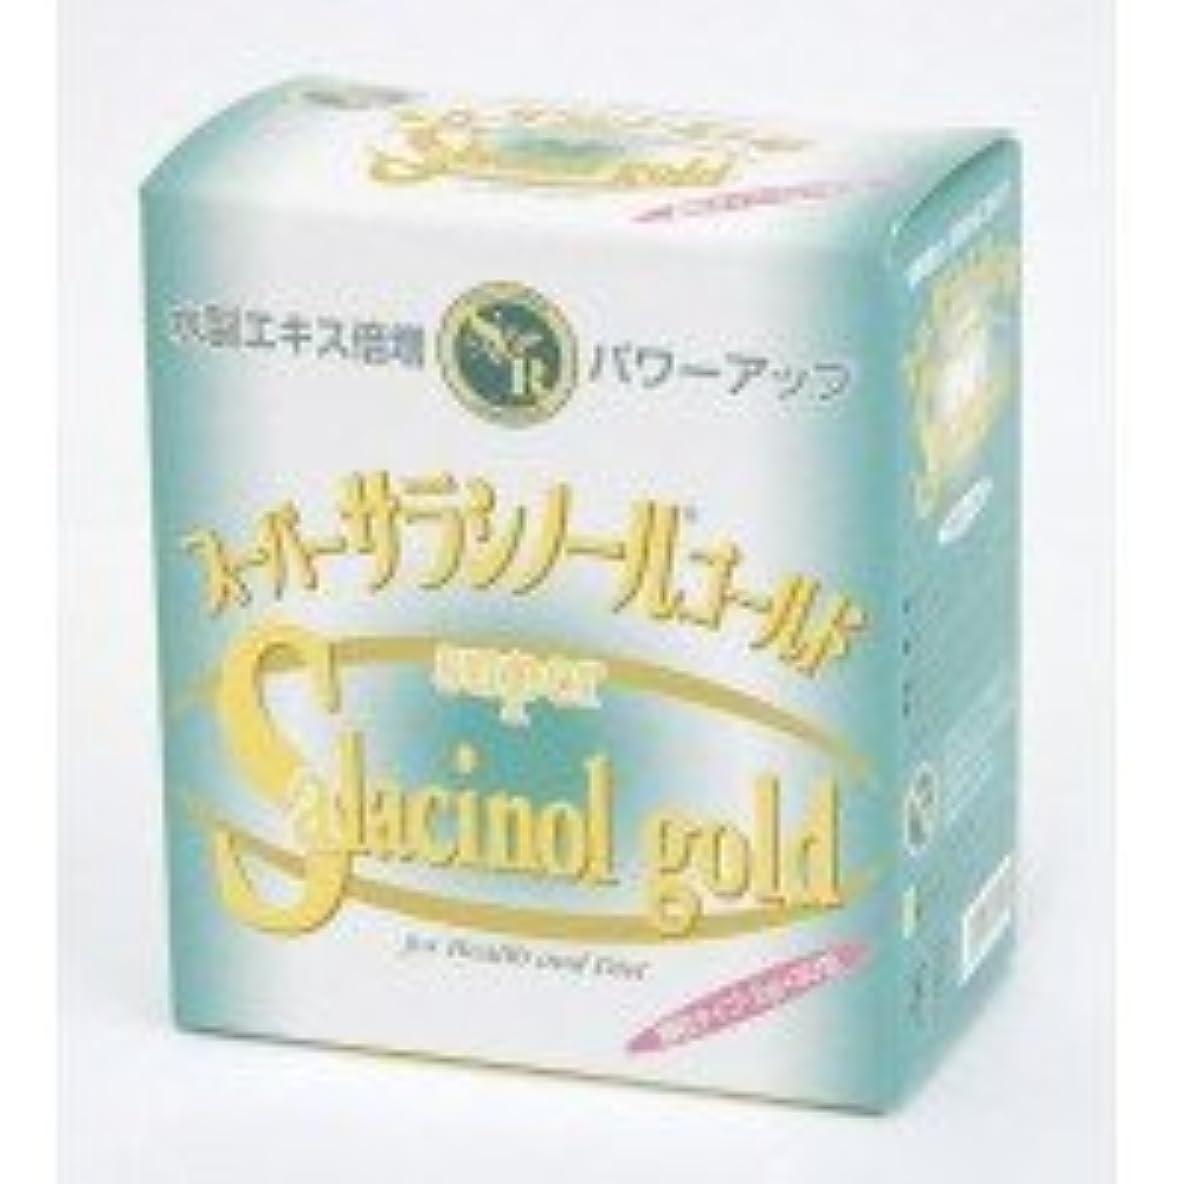 必須ヤング縫うジャパンヘルス スーパーサラシノールゴールド 2g×30包